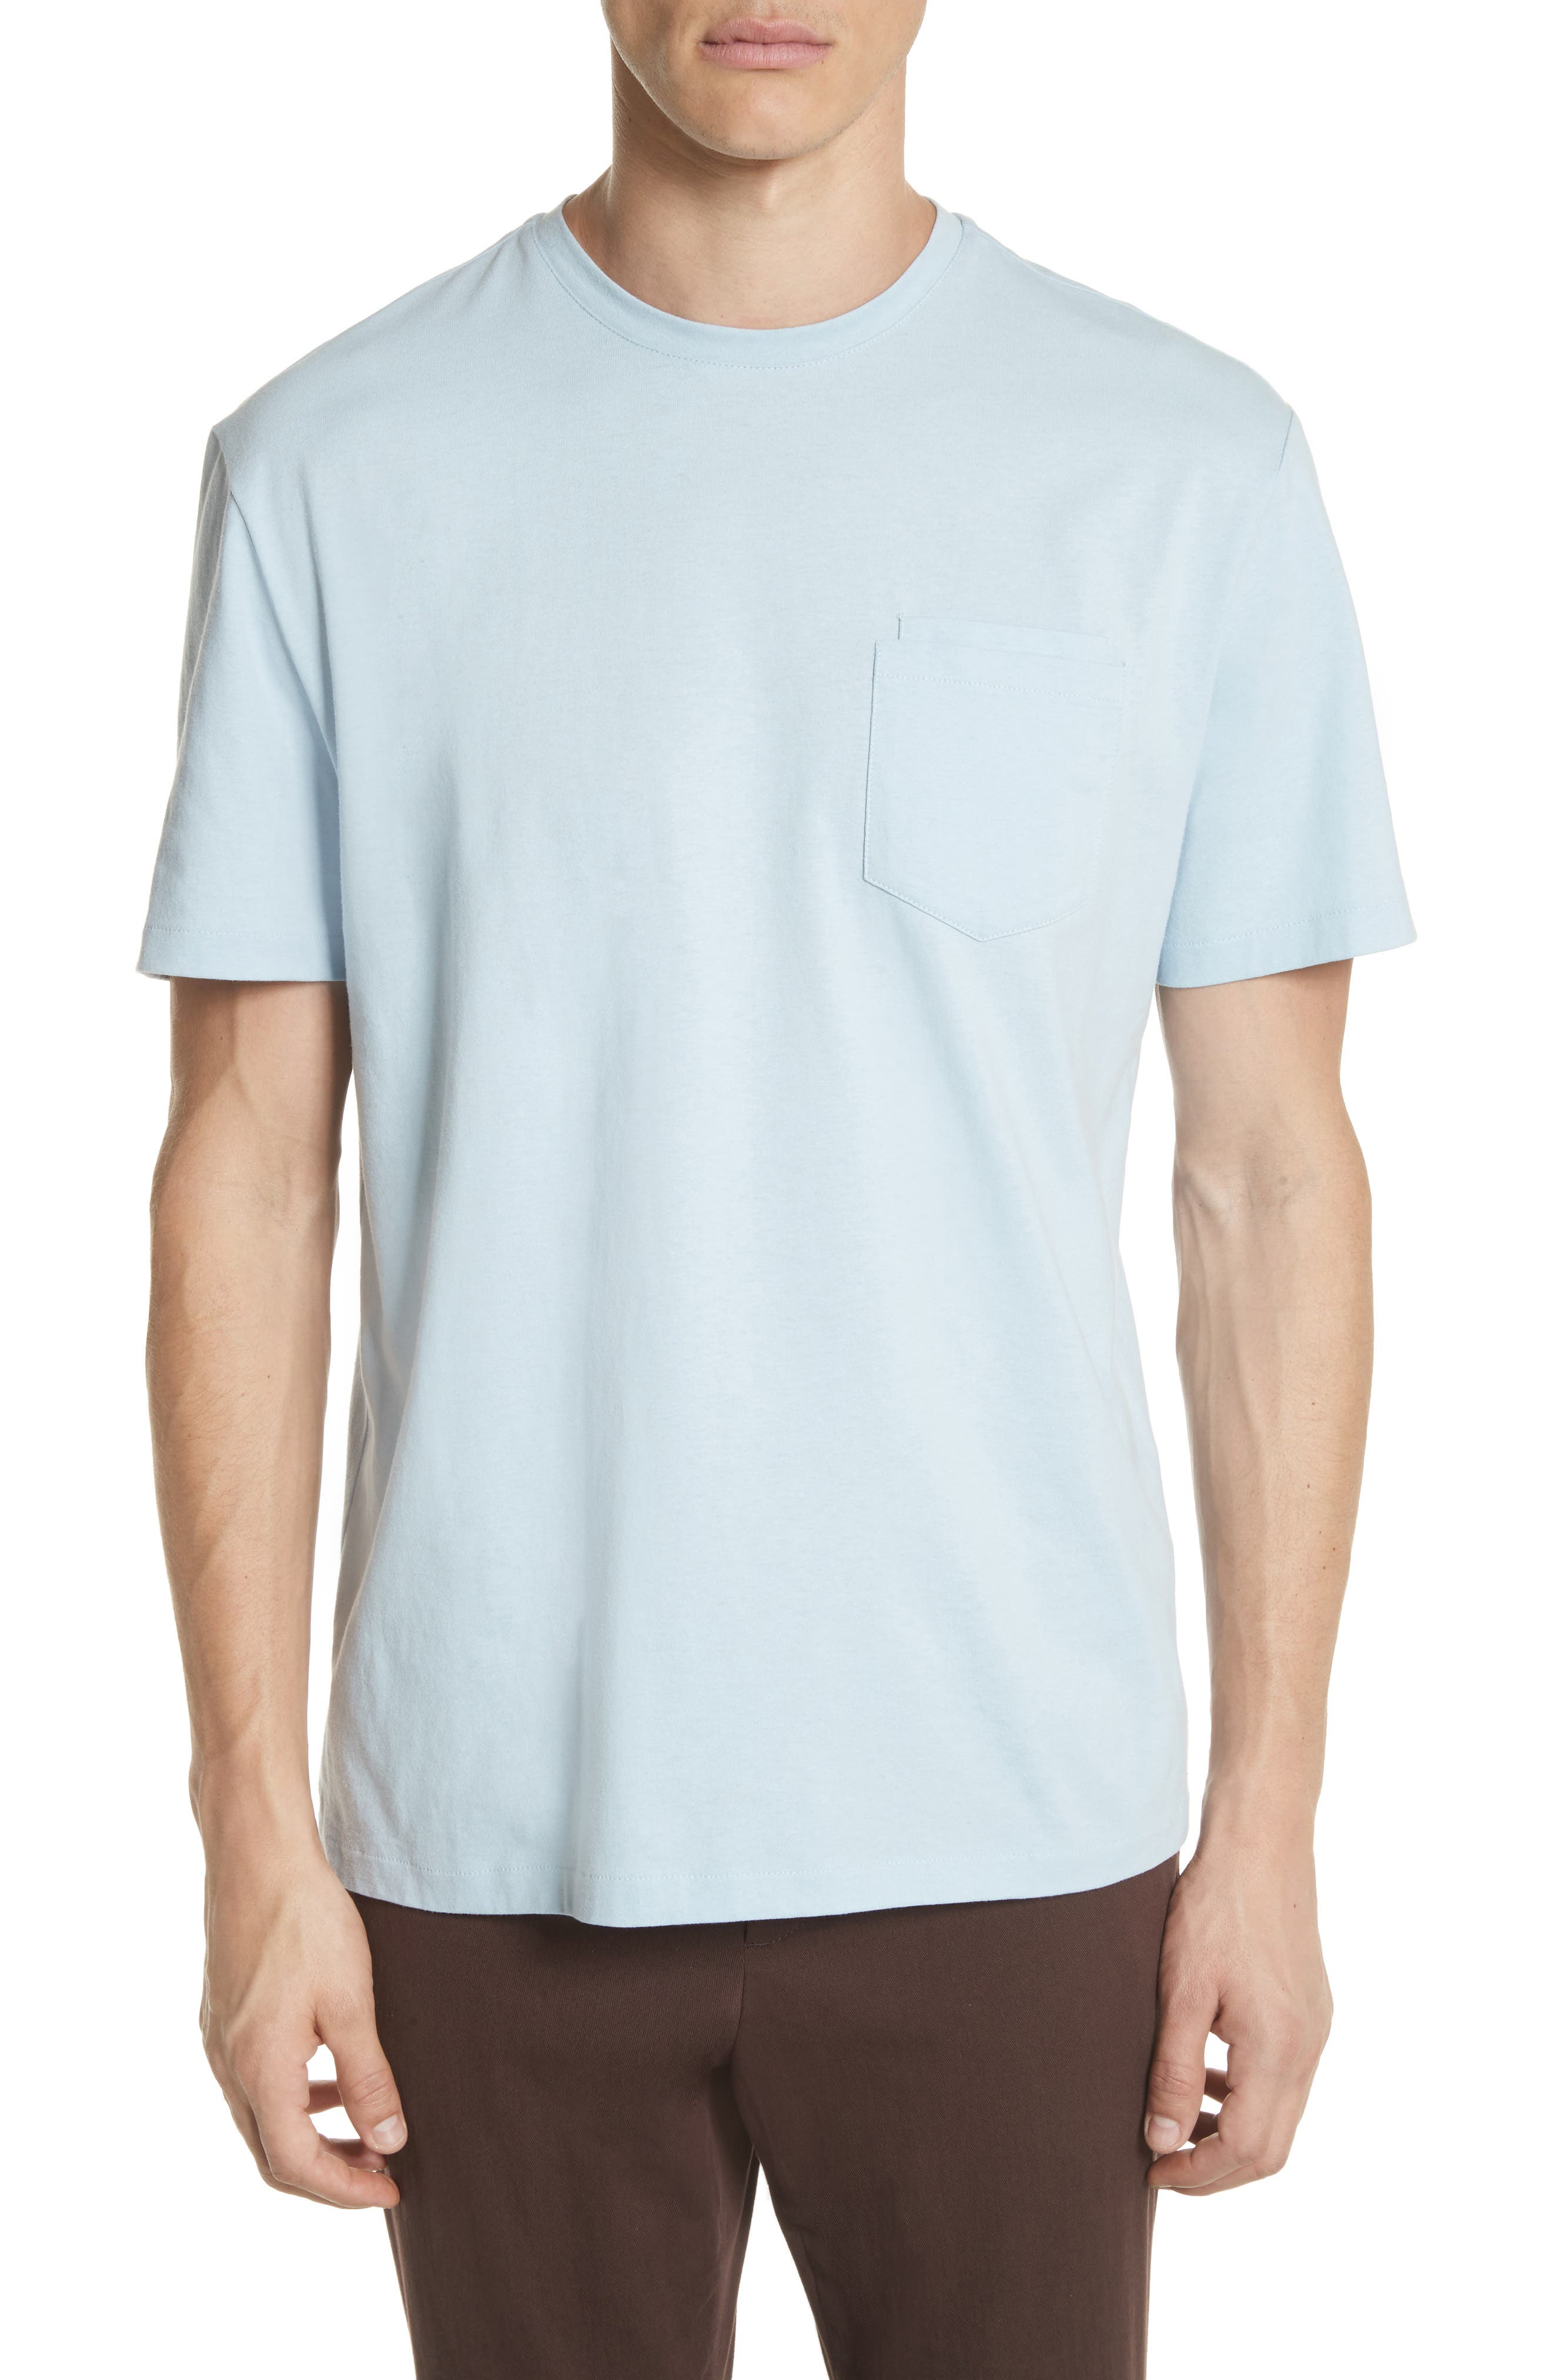 A.P.C. Double Pocket T-Shirt